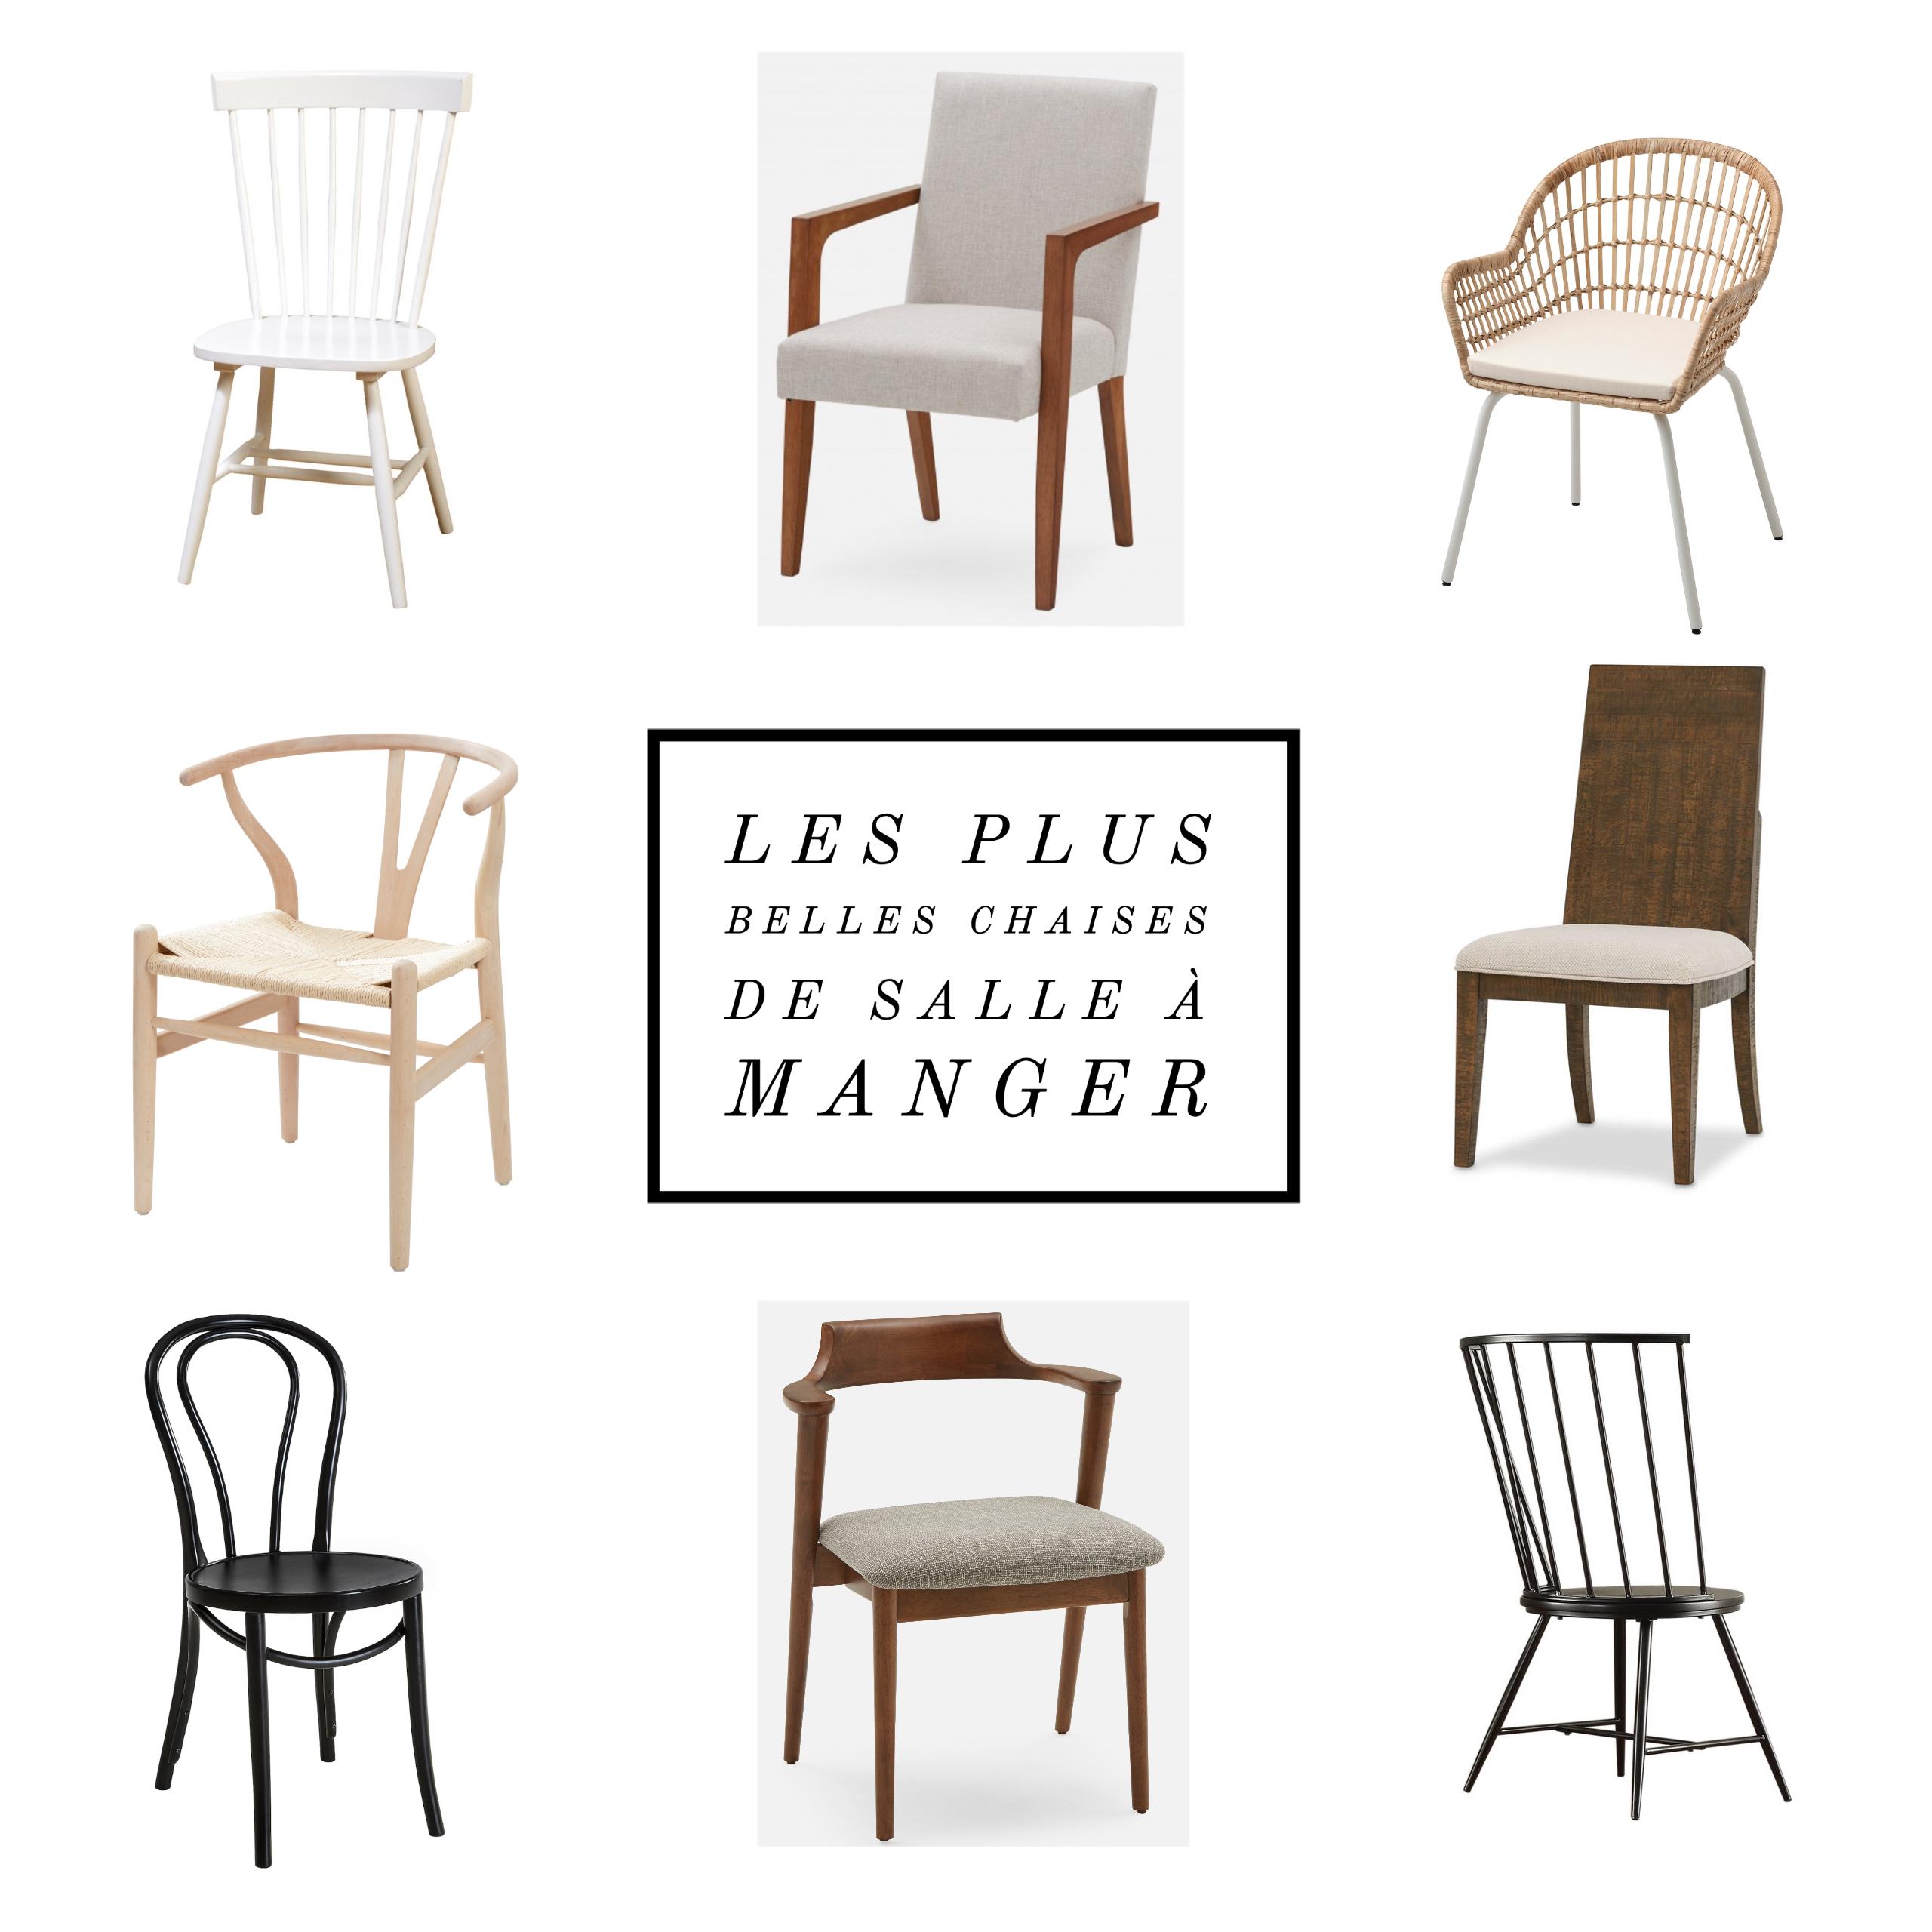 Les plus belles chaises de salle à manger